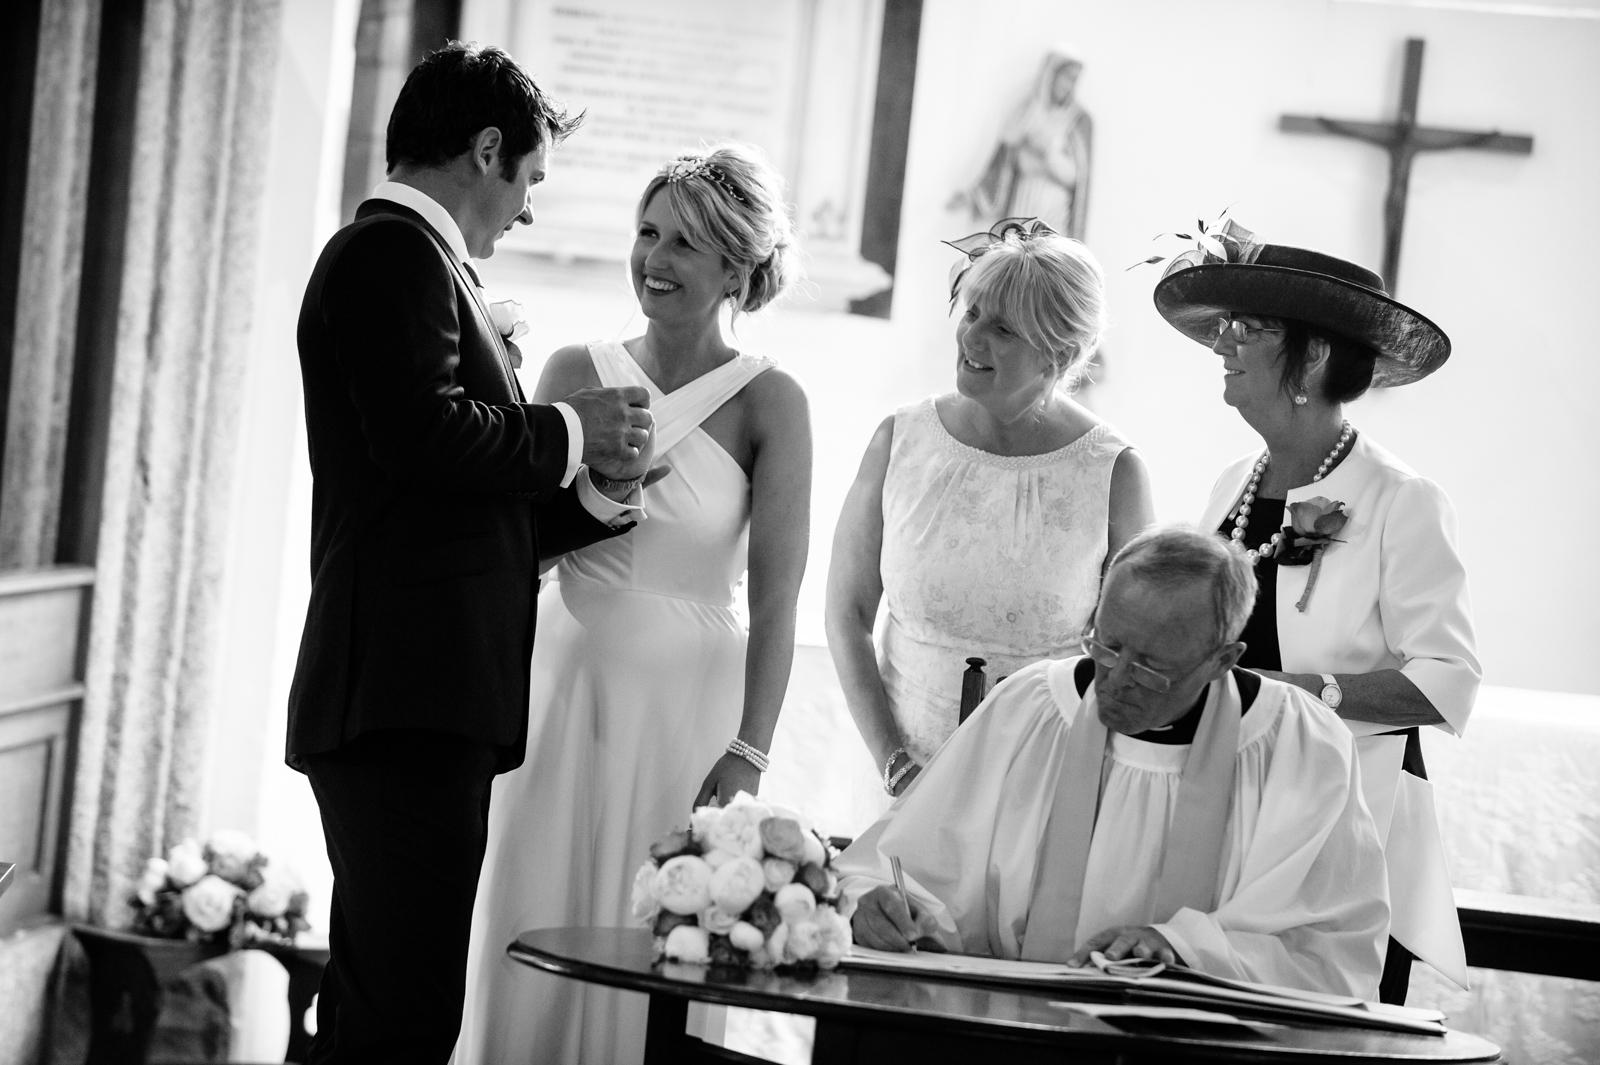 mylor-church-wedding-46.jpg